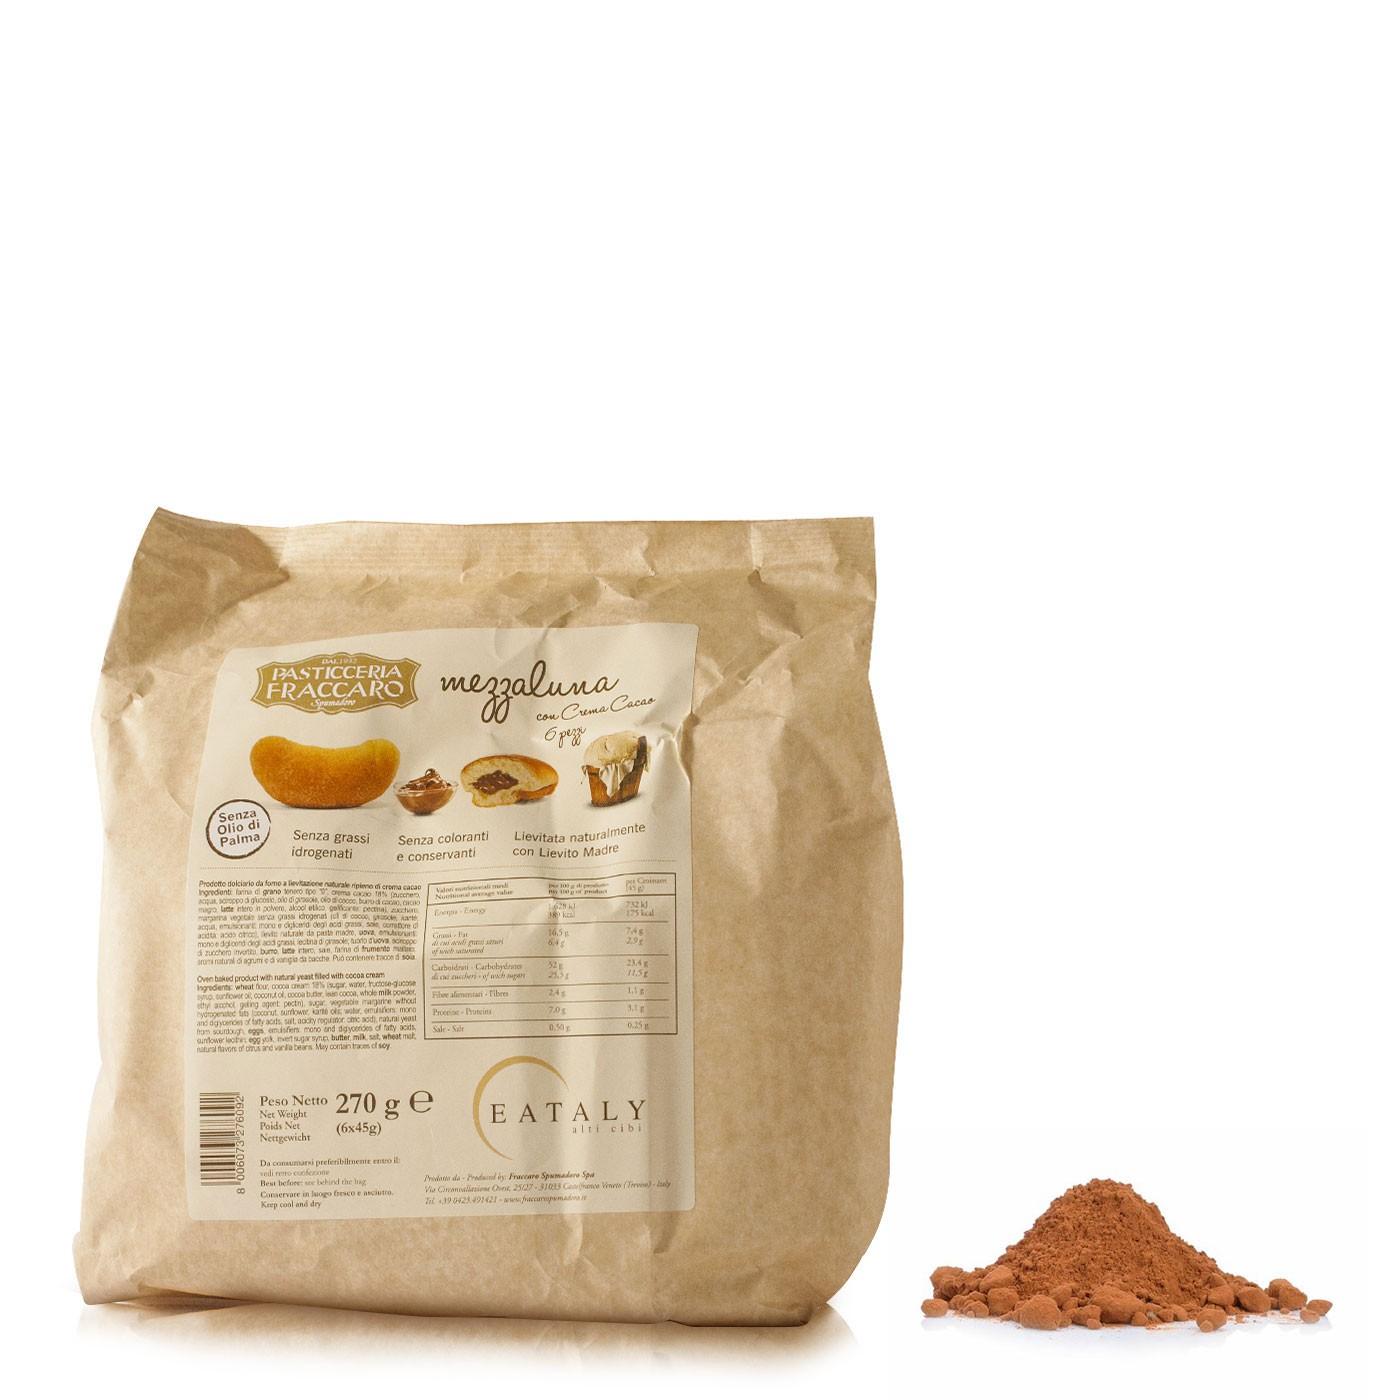 Chocolate Mezzaluna Breakfast Pastries 9.54 oz